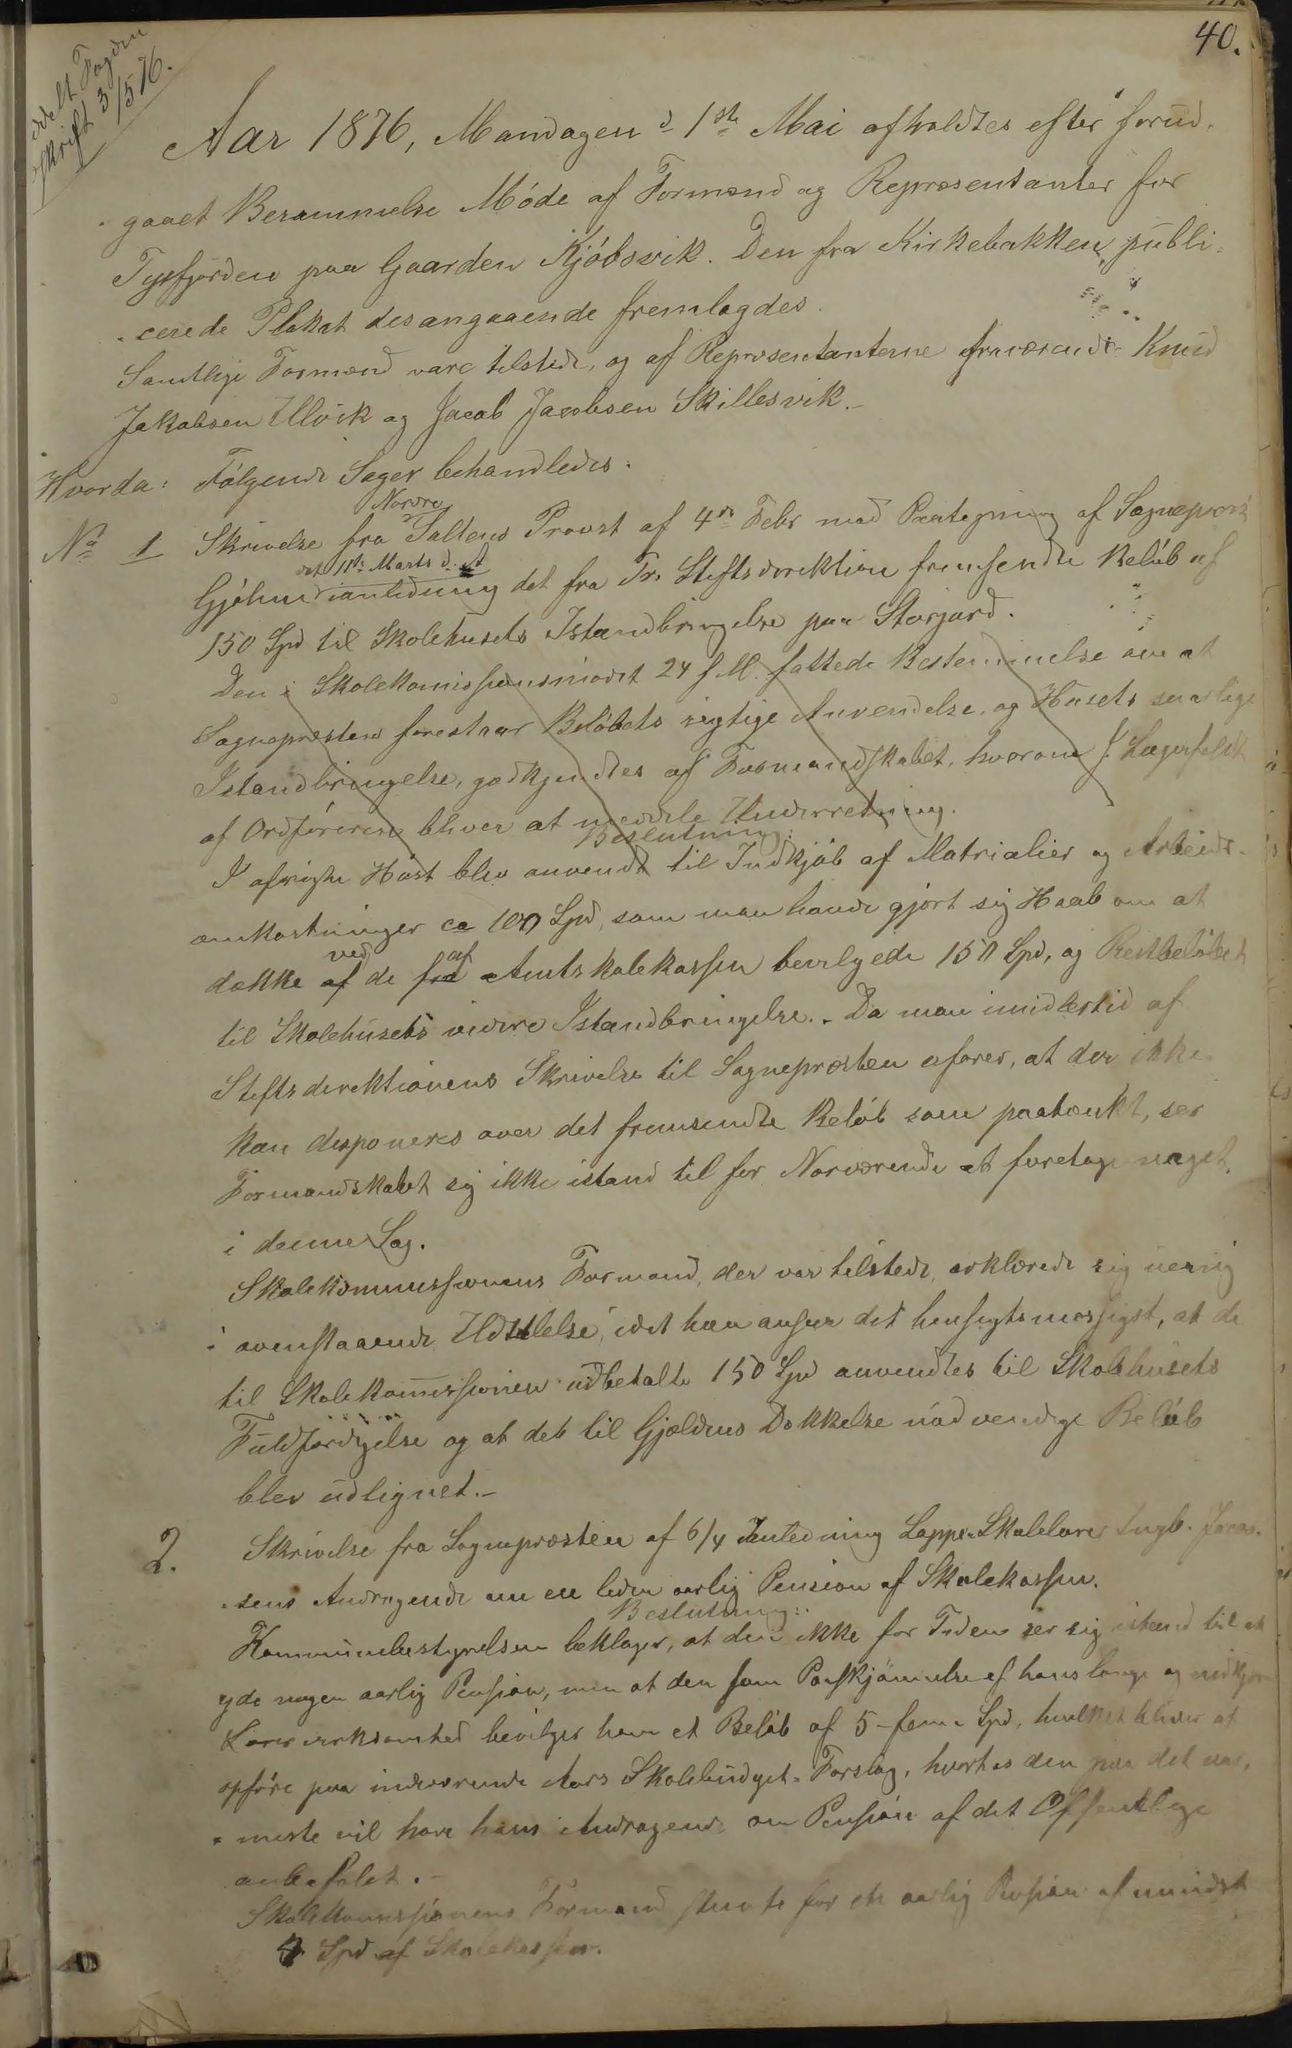 AIN, Tysfjord kommune. Formannskapet, 100/L0001: Forhandlingsprotokoll for Tysfjordens formandskab, 1869-1895, s. 40